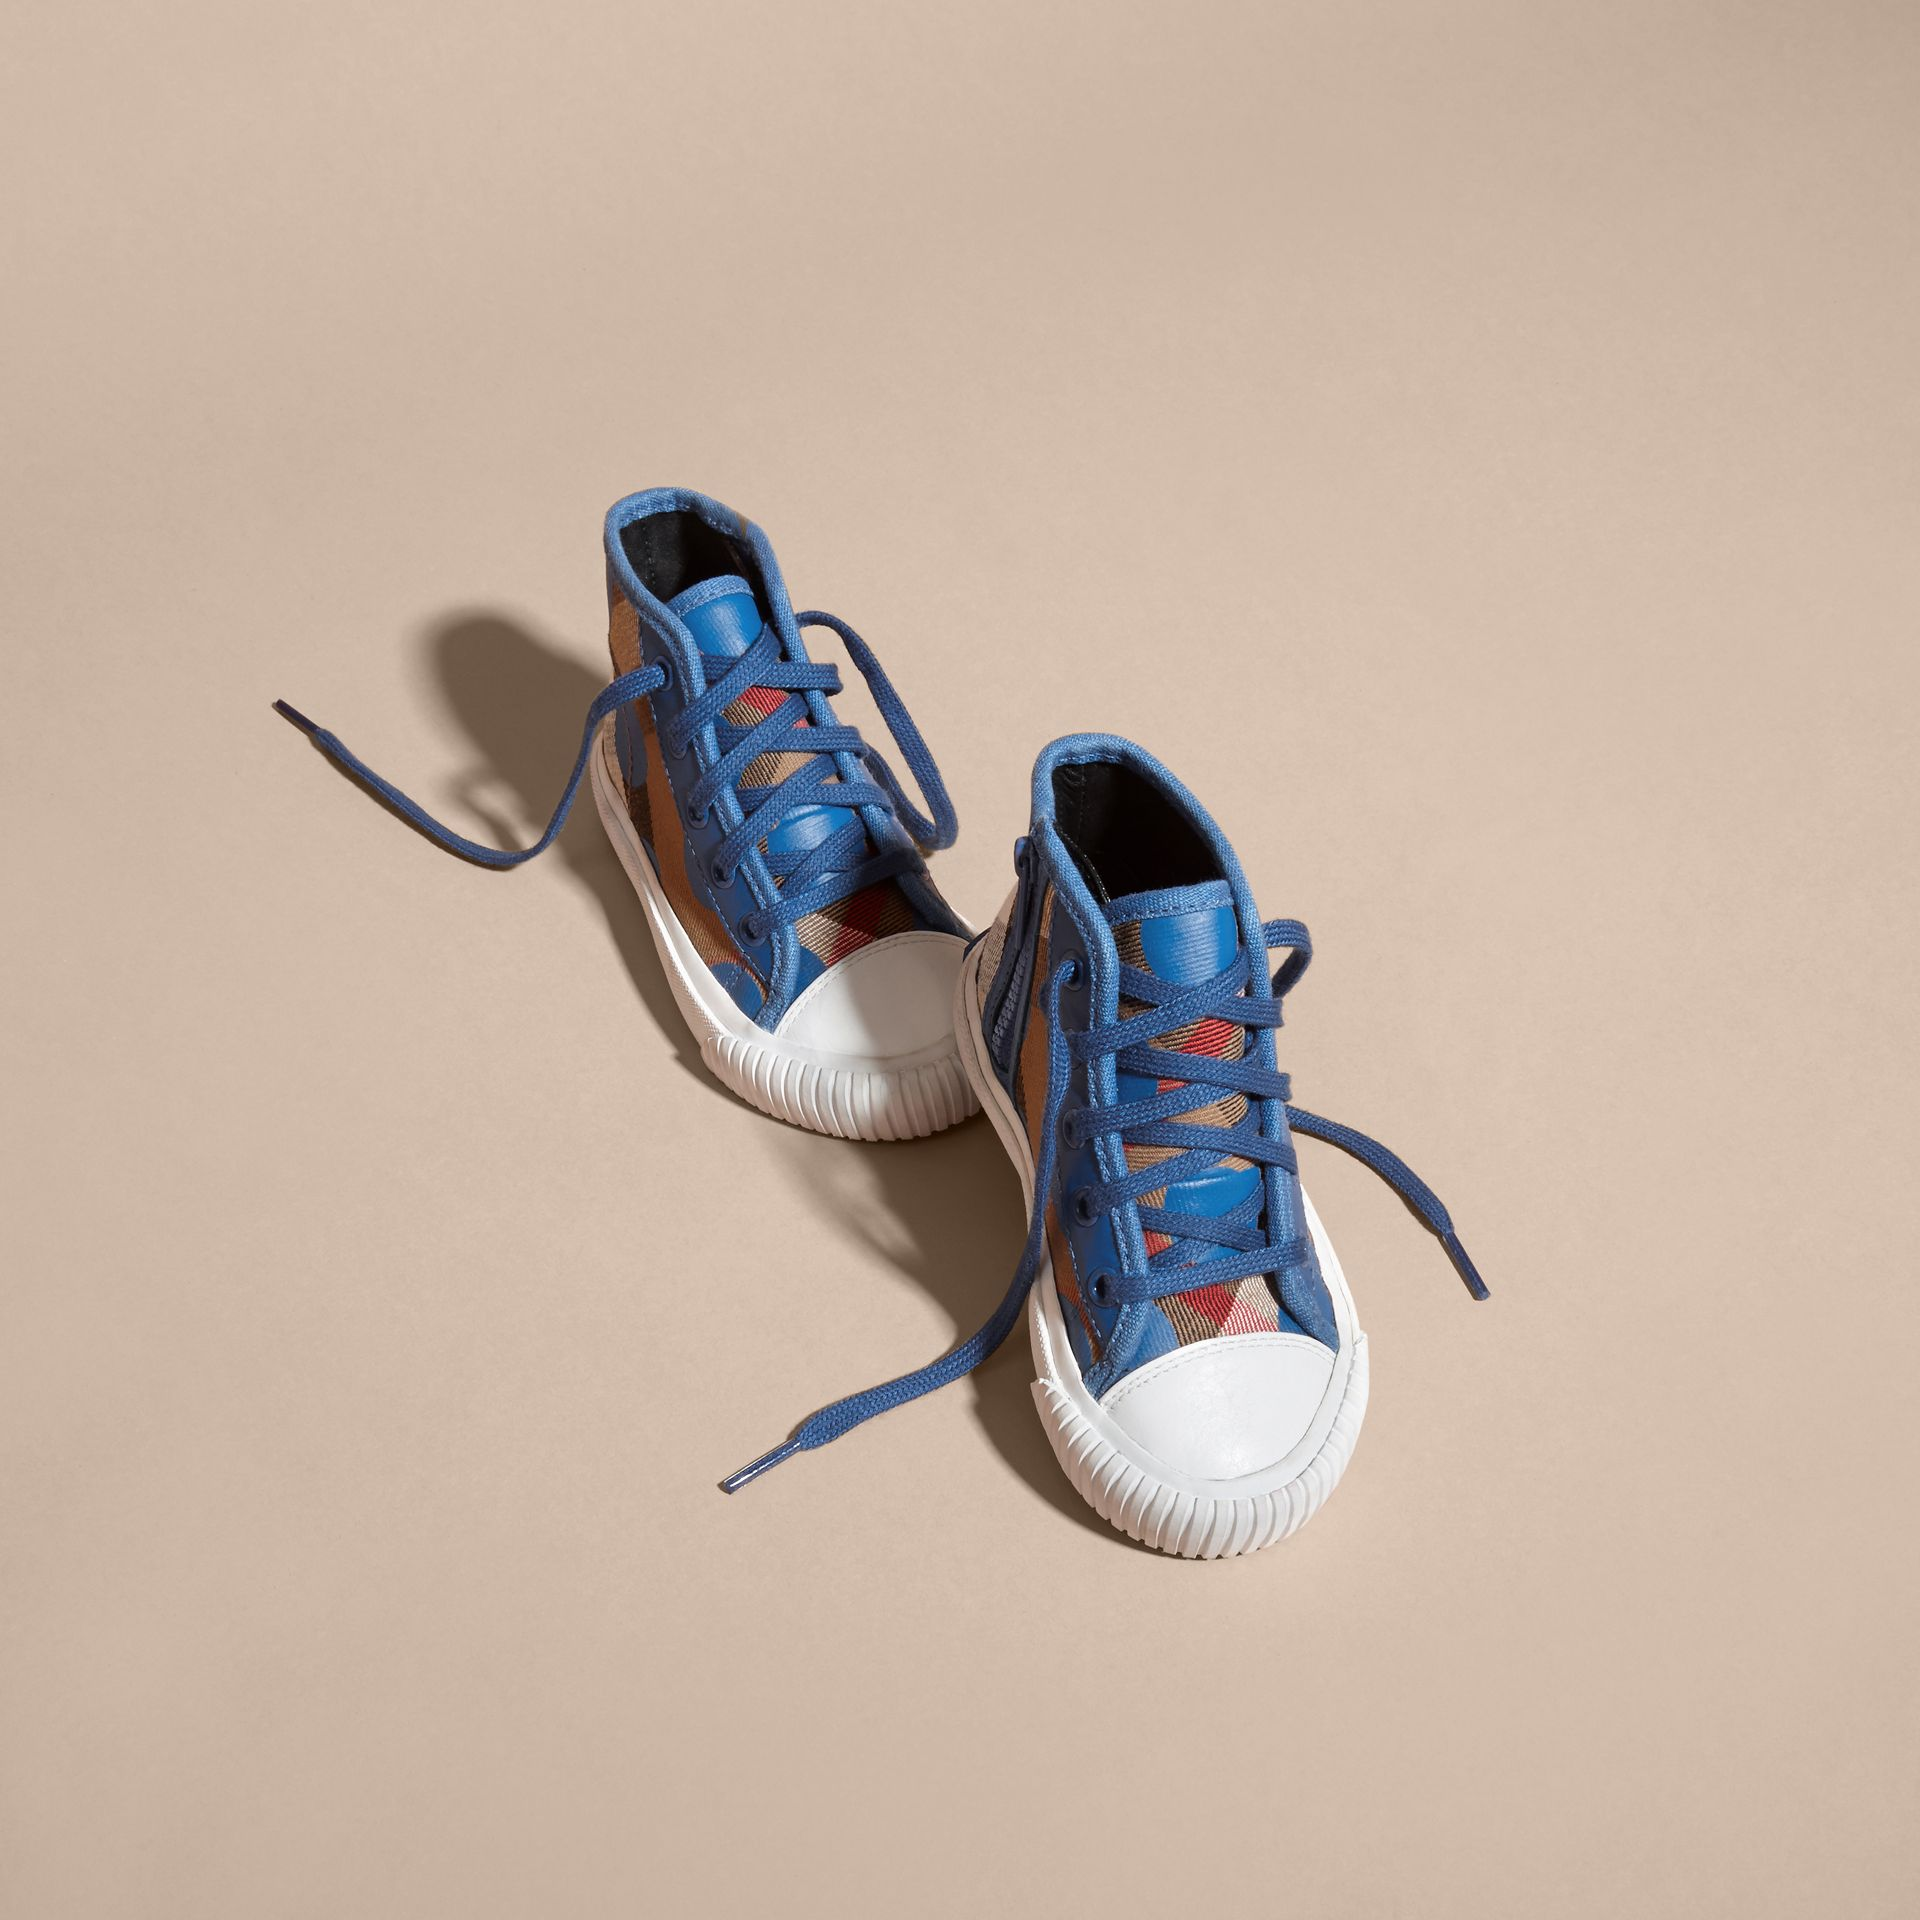 Bleu lupin Sneakers montantes à motif check et imprimé à cœurs, avec détails en cuir Bleu Lupin - photo de la galerie 3